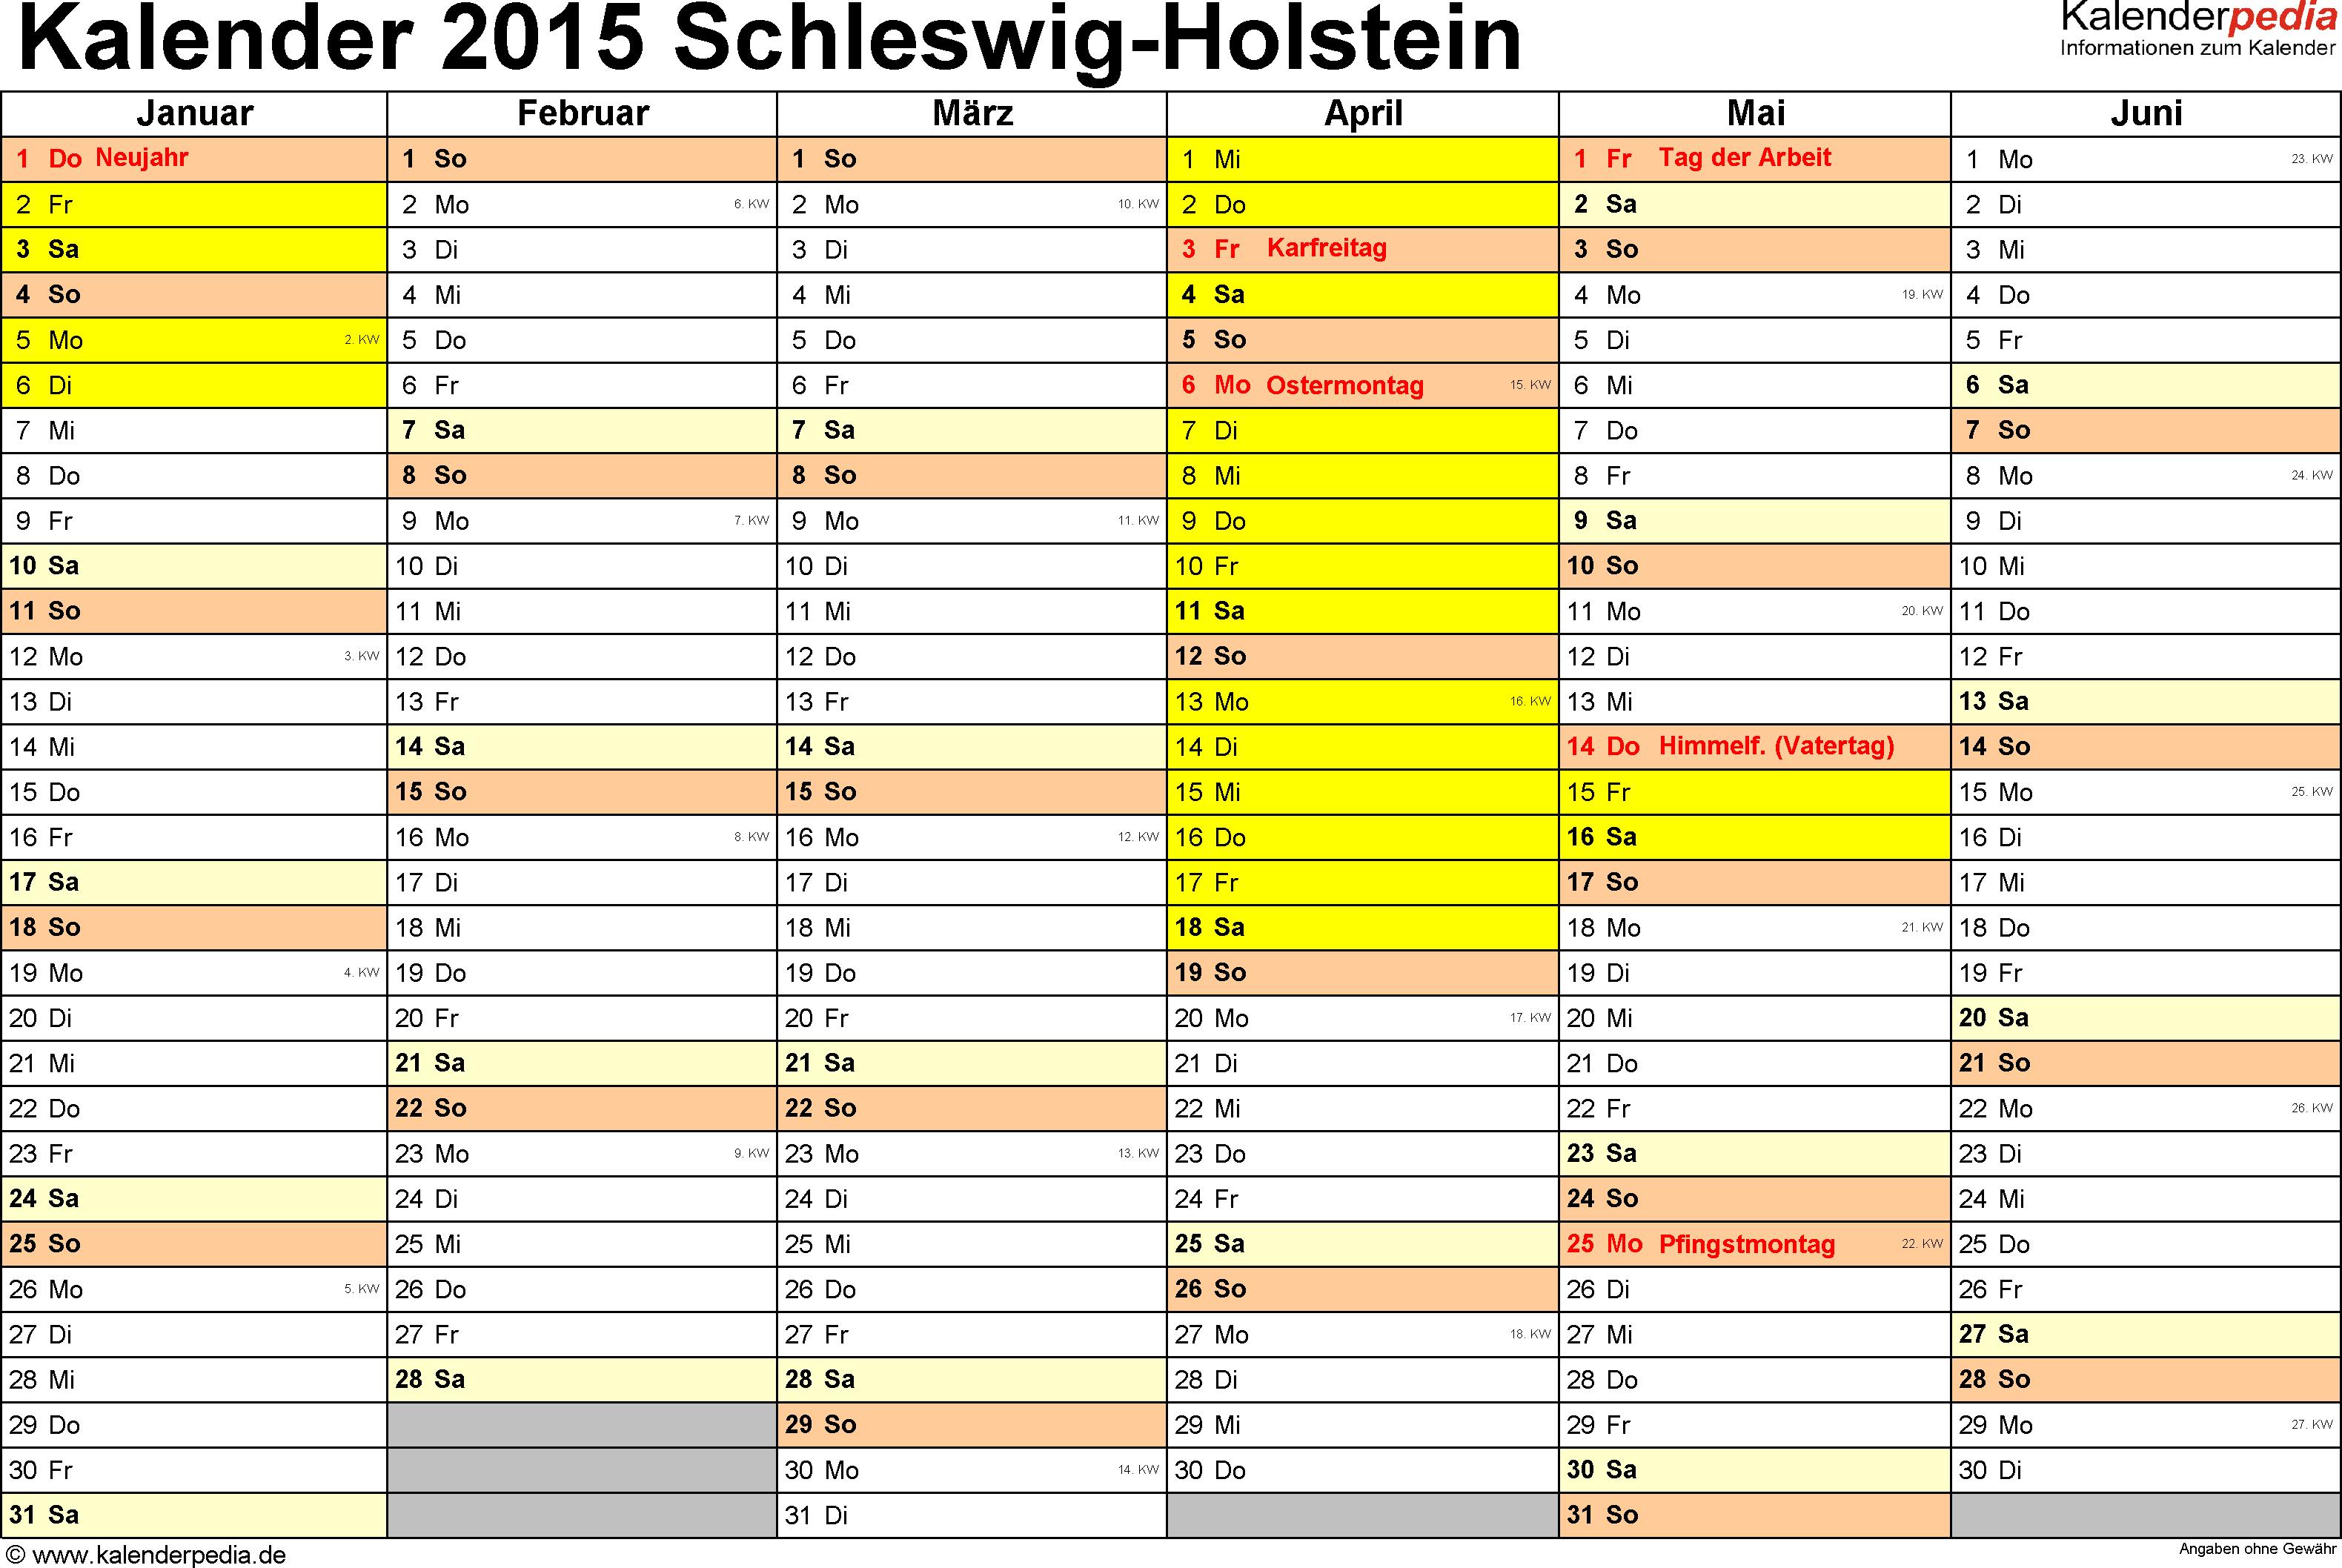 Vorlage 2: Kalender 2015 für Schleswig-Holstein als Excel-Vorlage (Querformat, 2 Seiten)